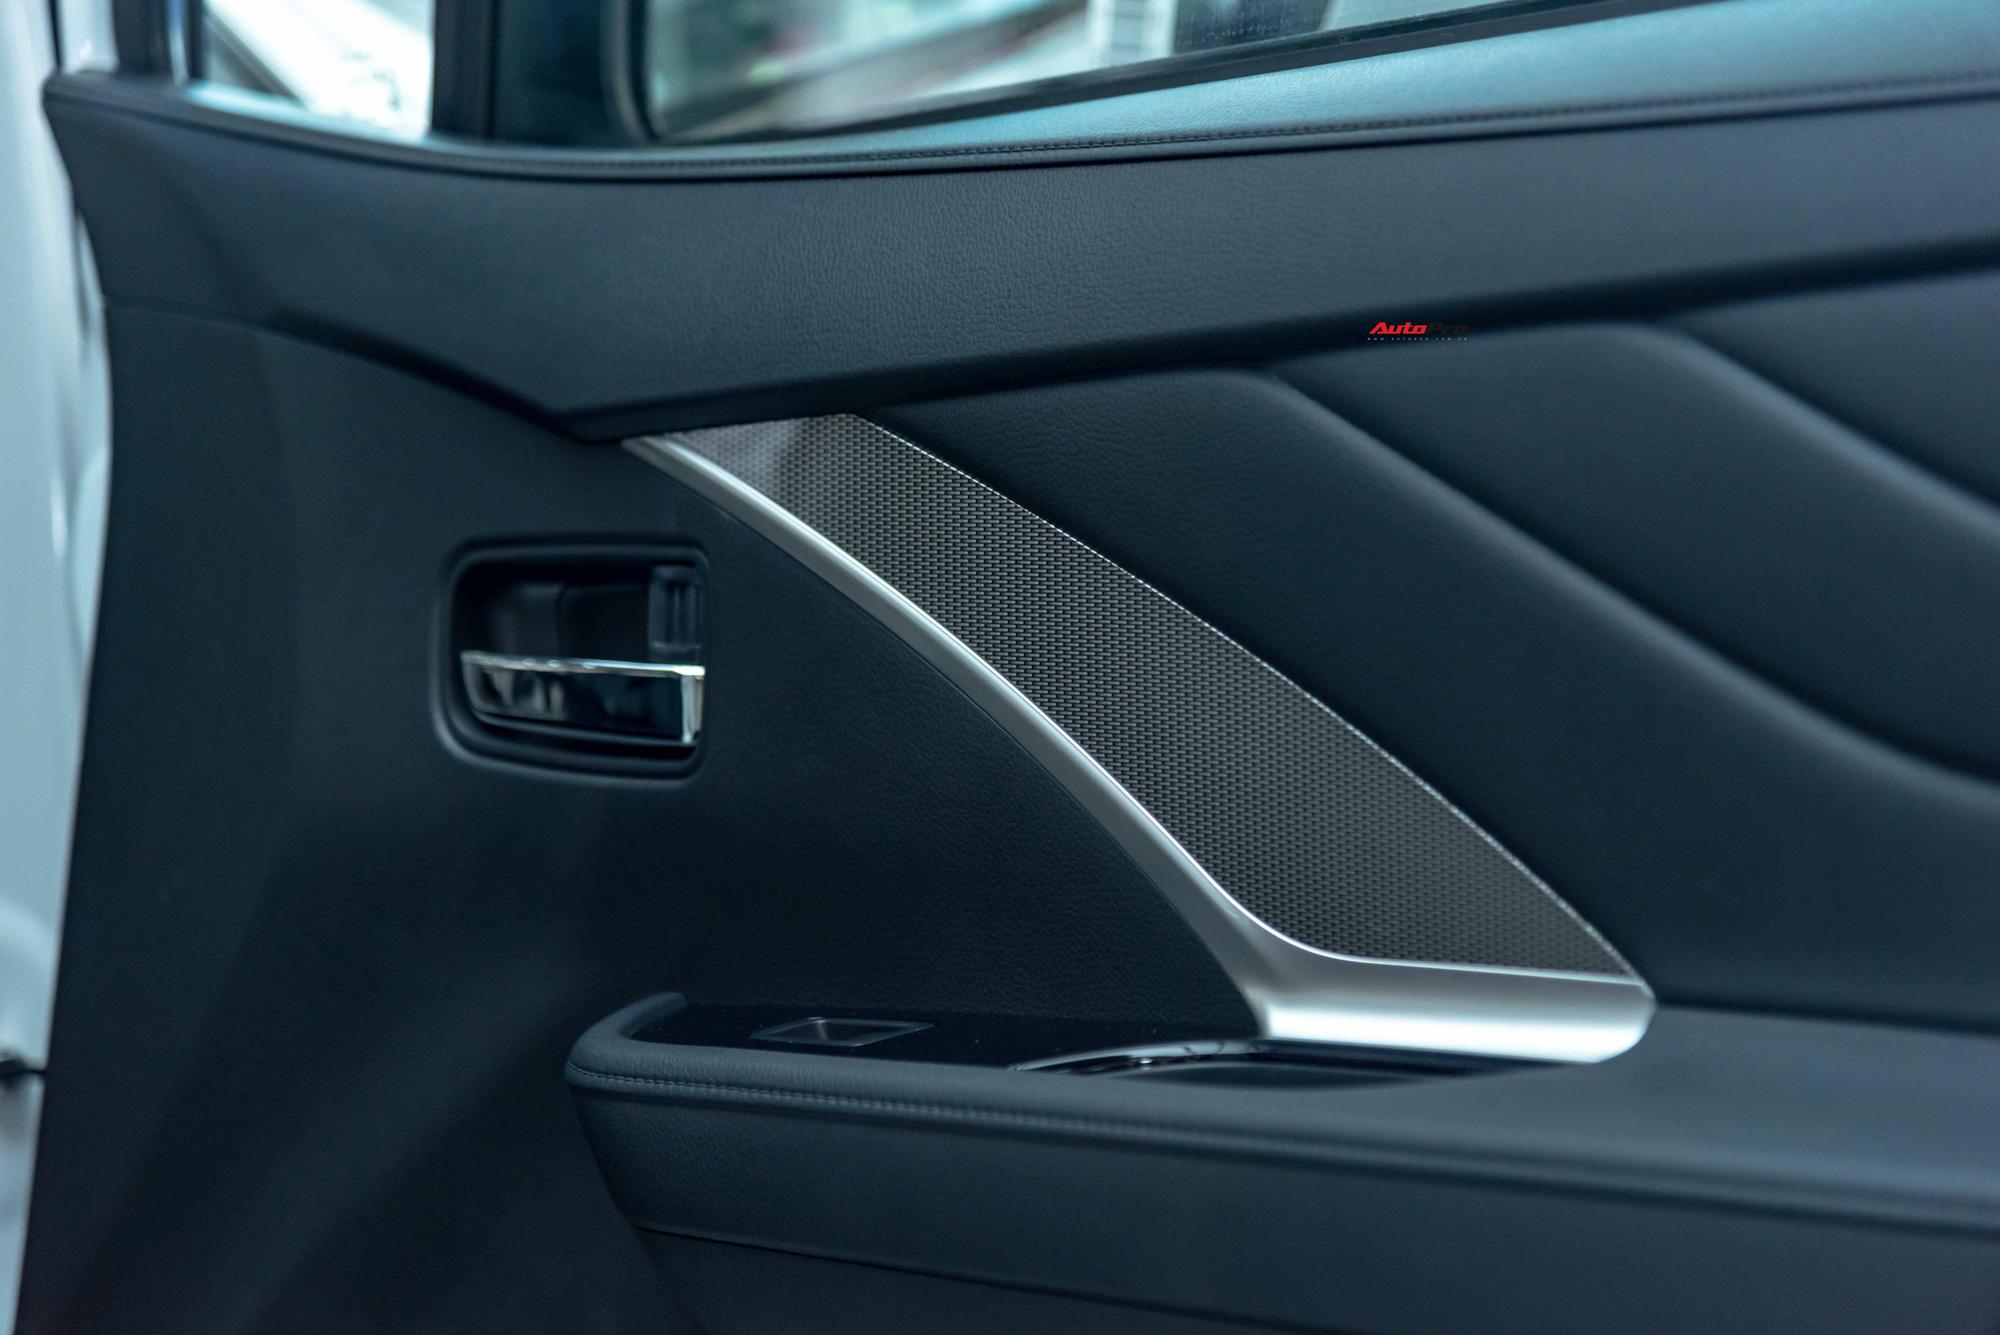 Ra mắt Mitsubishi Xpander 2020: Đánh giá 8 điểm mới, tăng 10 triệu nhưng tặng lại 10 triệu, rộng đường giữ ngôi vua MPV-18